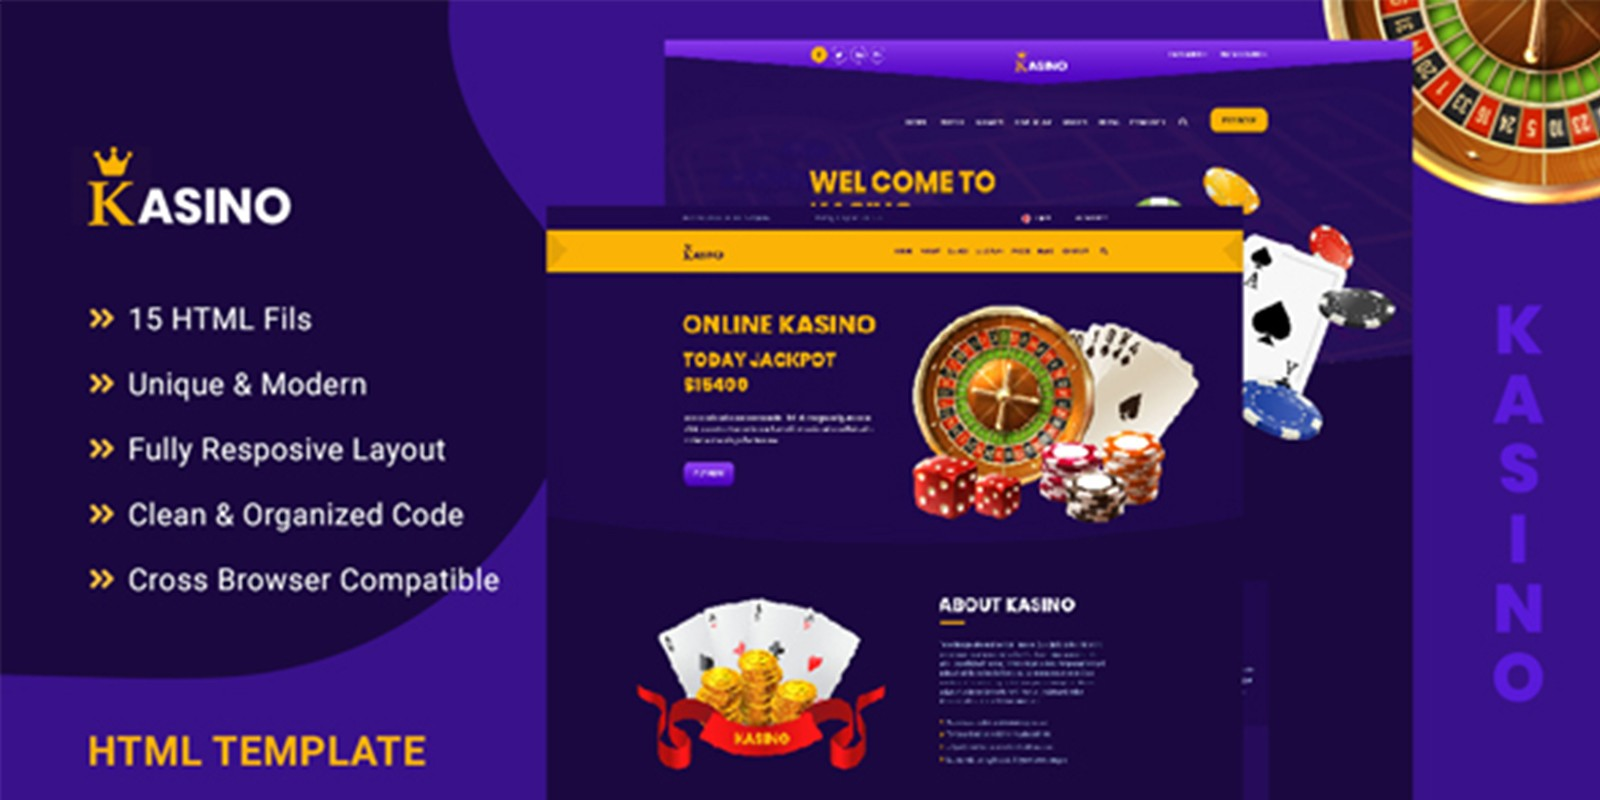 Kasino - Casino HTML Template